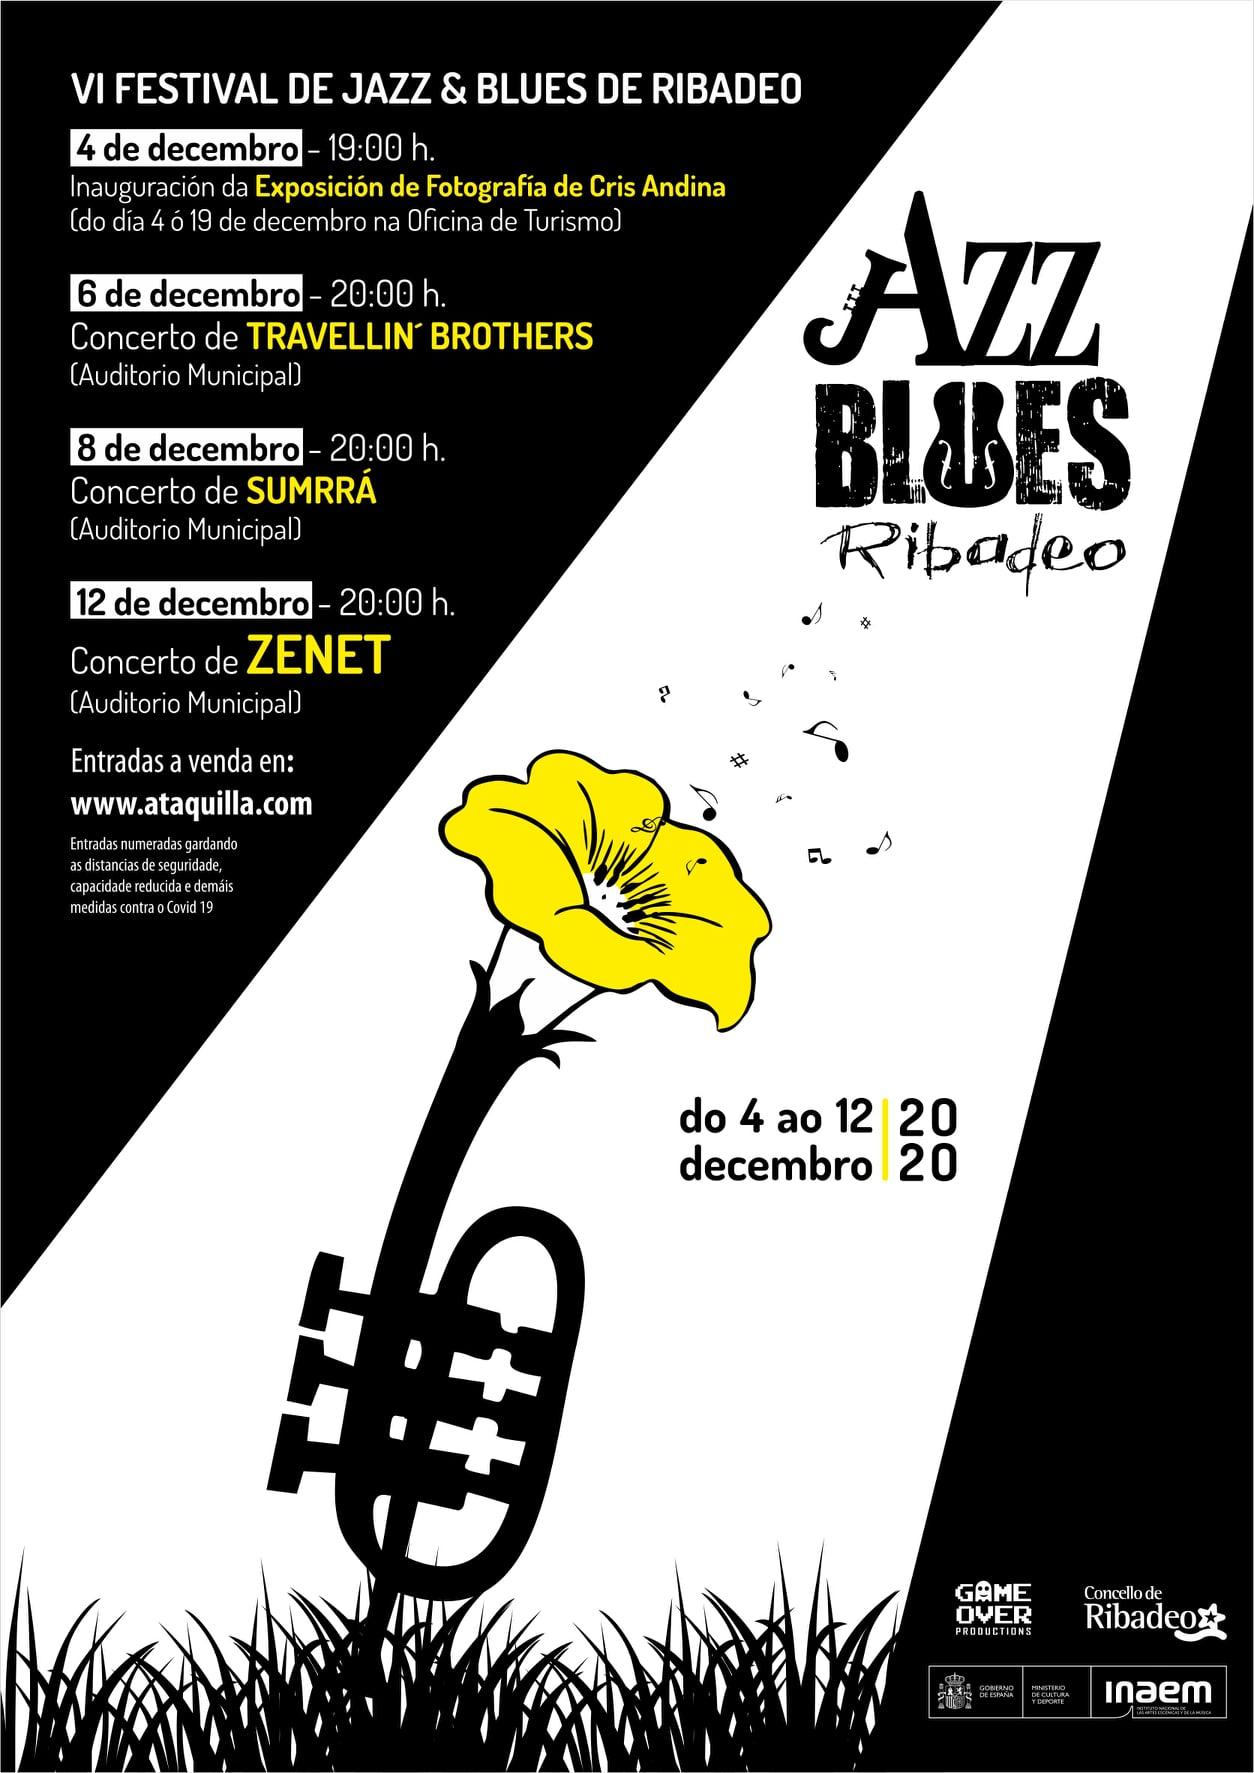 Unha mostra fotográfica de Cris Andina e tres concertos conforman o cartel